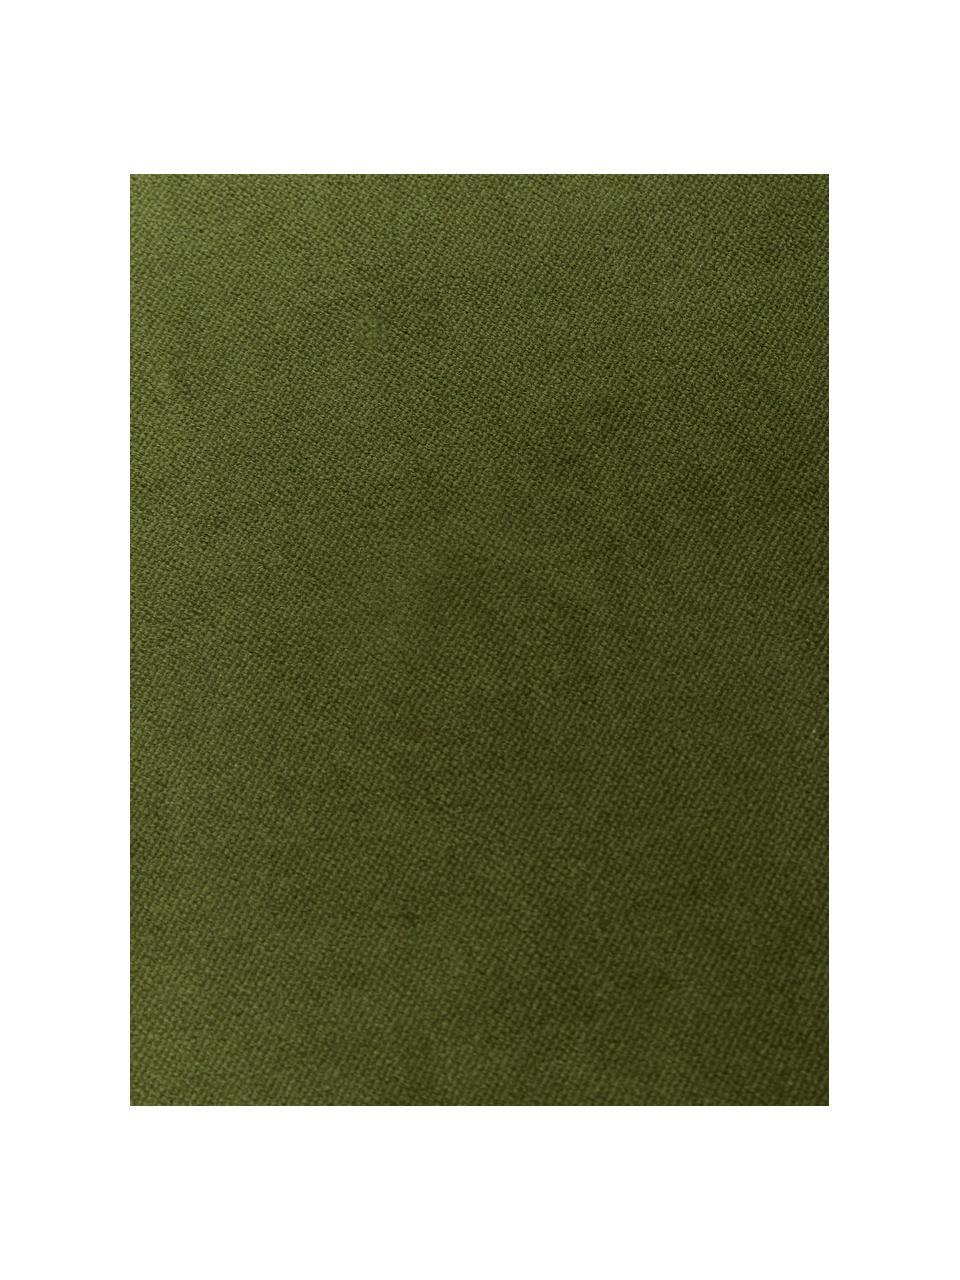 Housse de coussin velours vert mousse Dana, Vert mousse